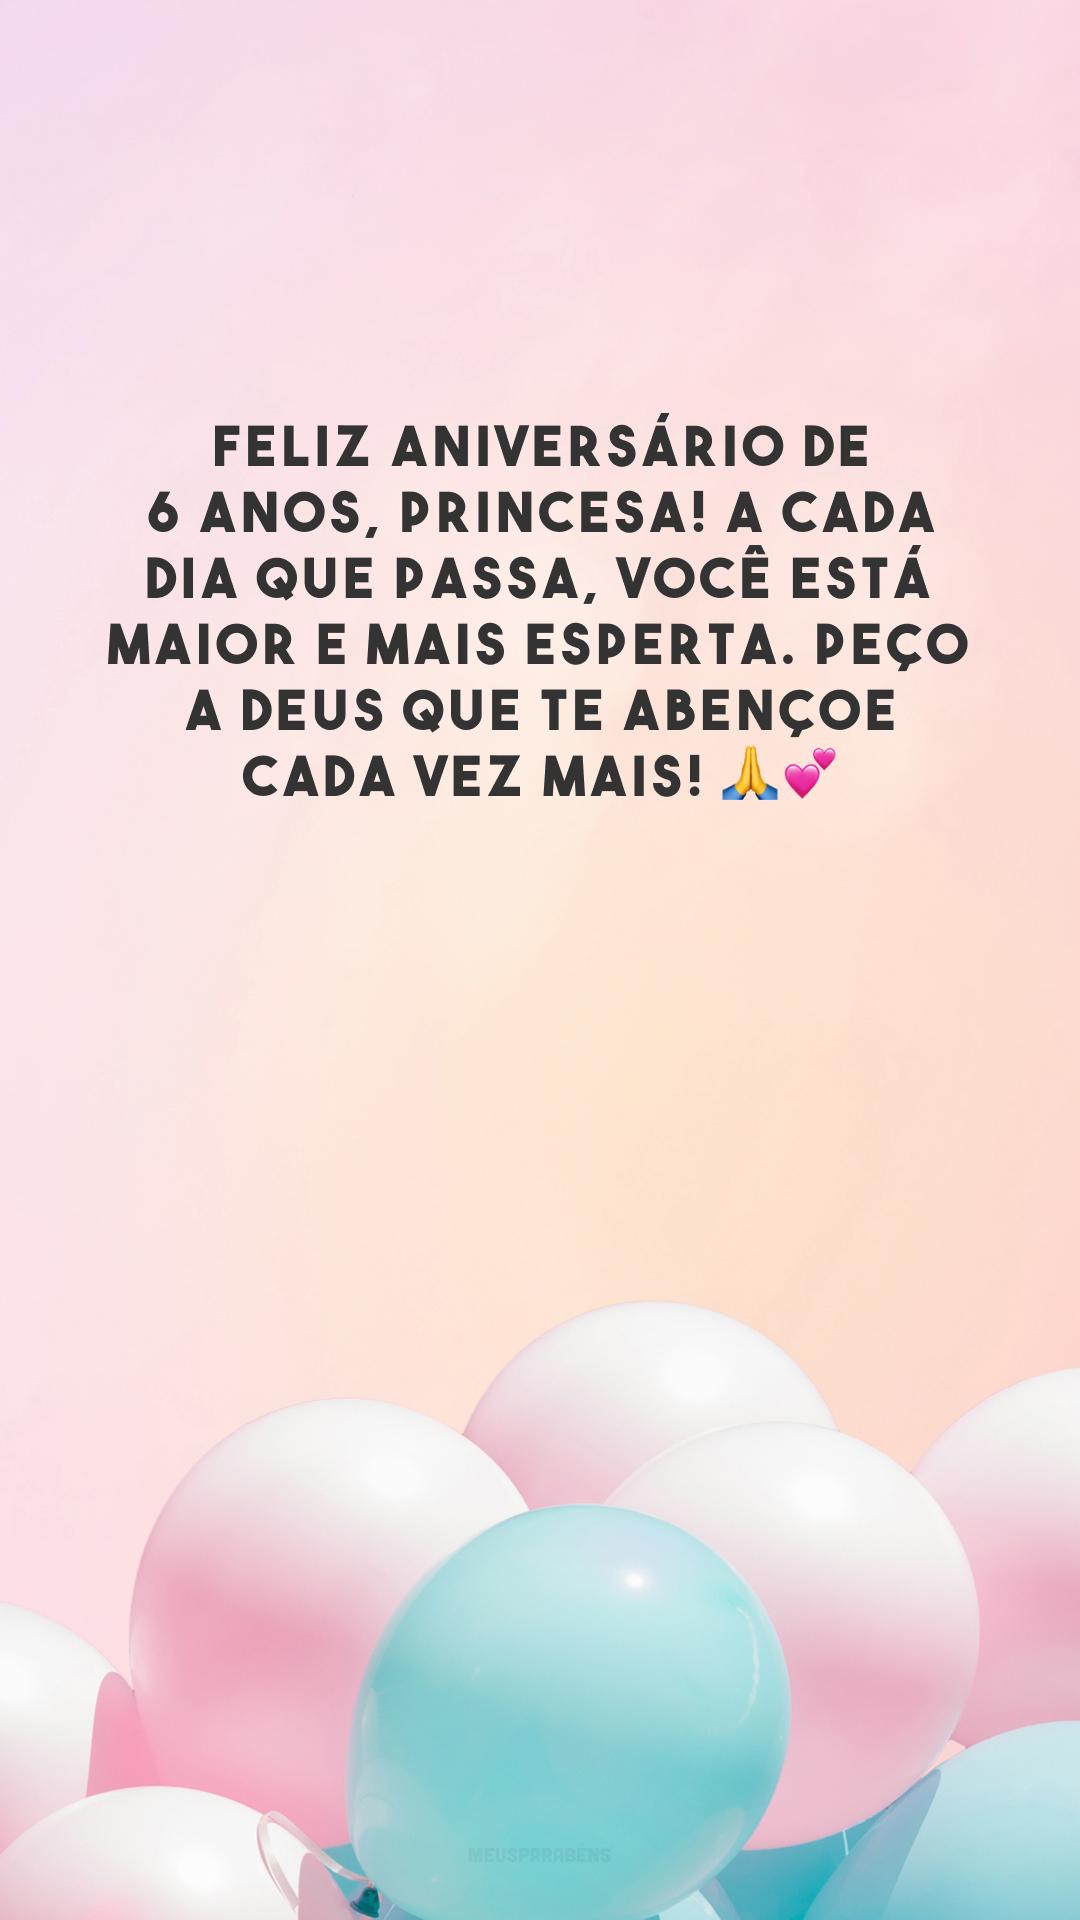 Feliz aniversário de 6 anos, princesa! A cada dia que passa, você está maior e mais esperta. Peço a Deus que te abençoe cada vez mais! 🙏💕